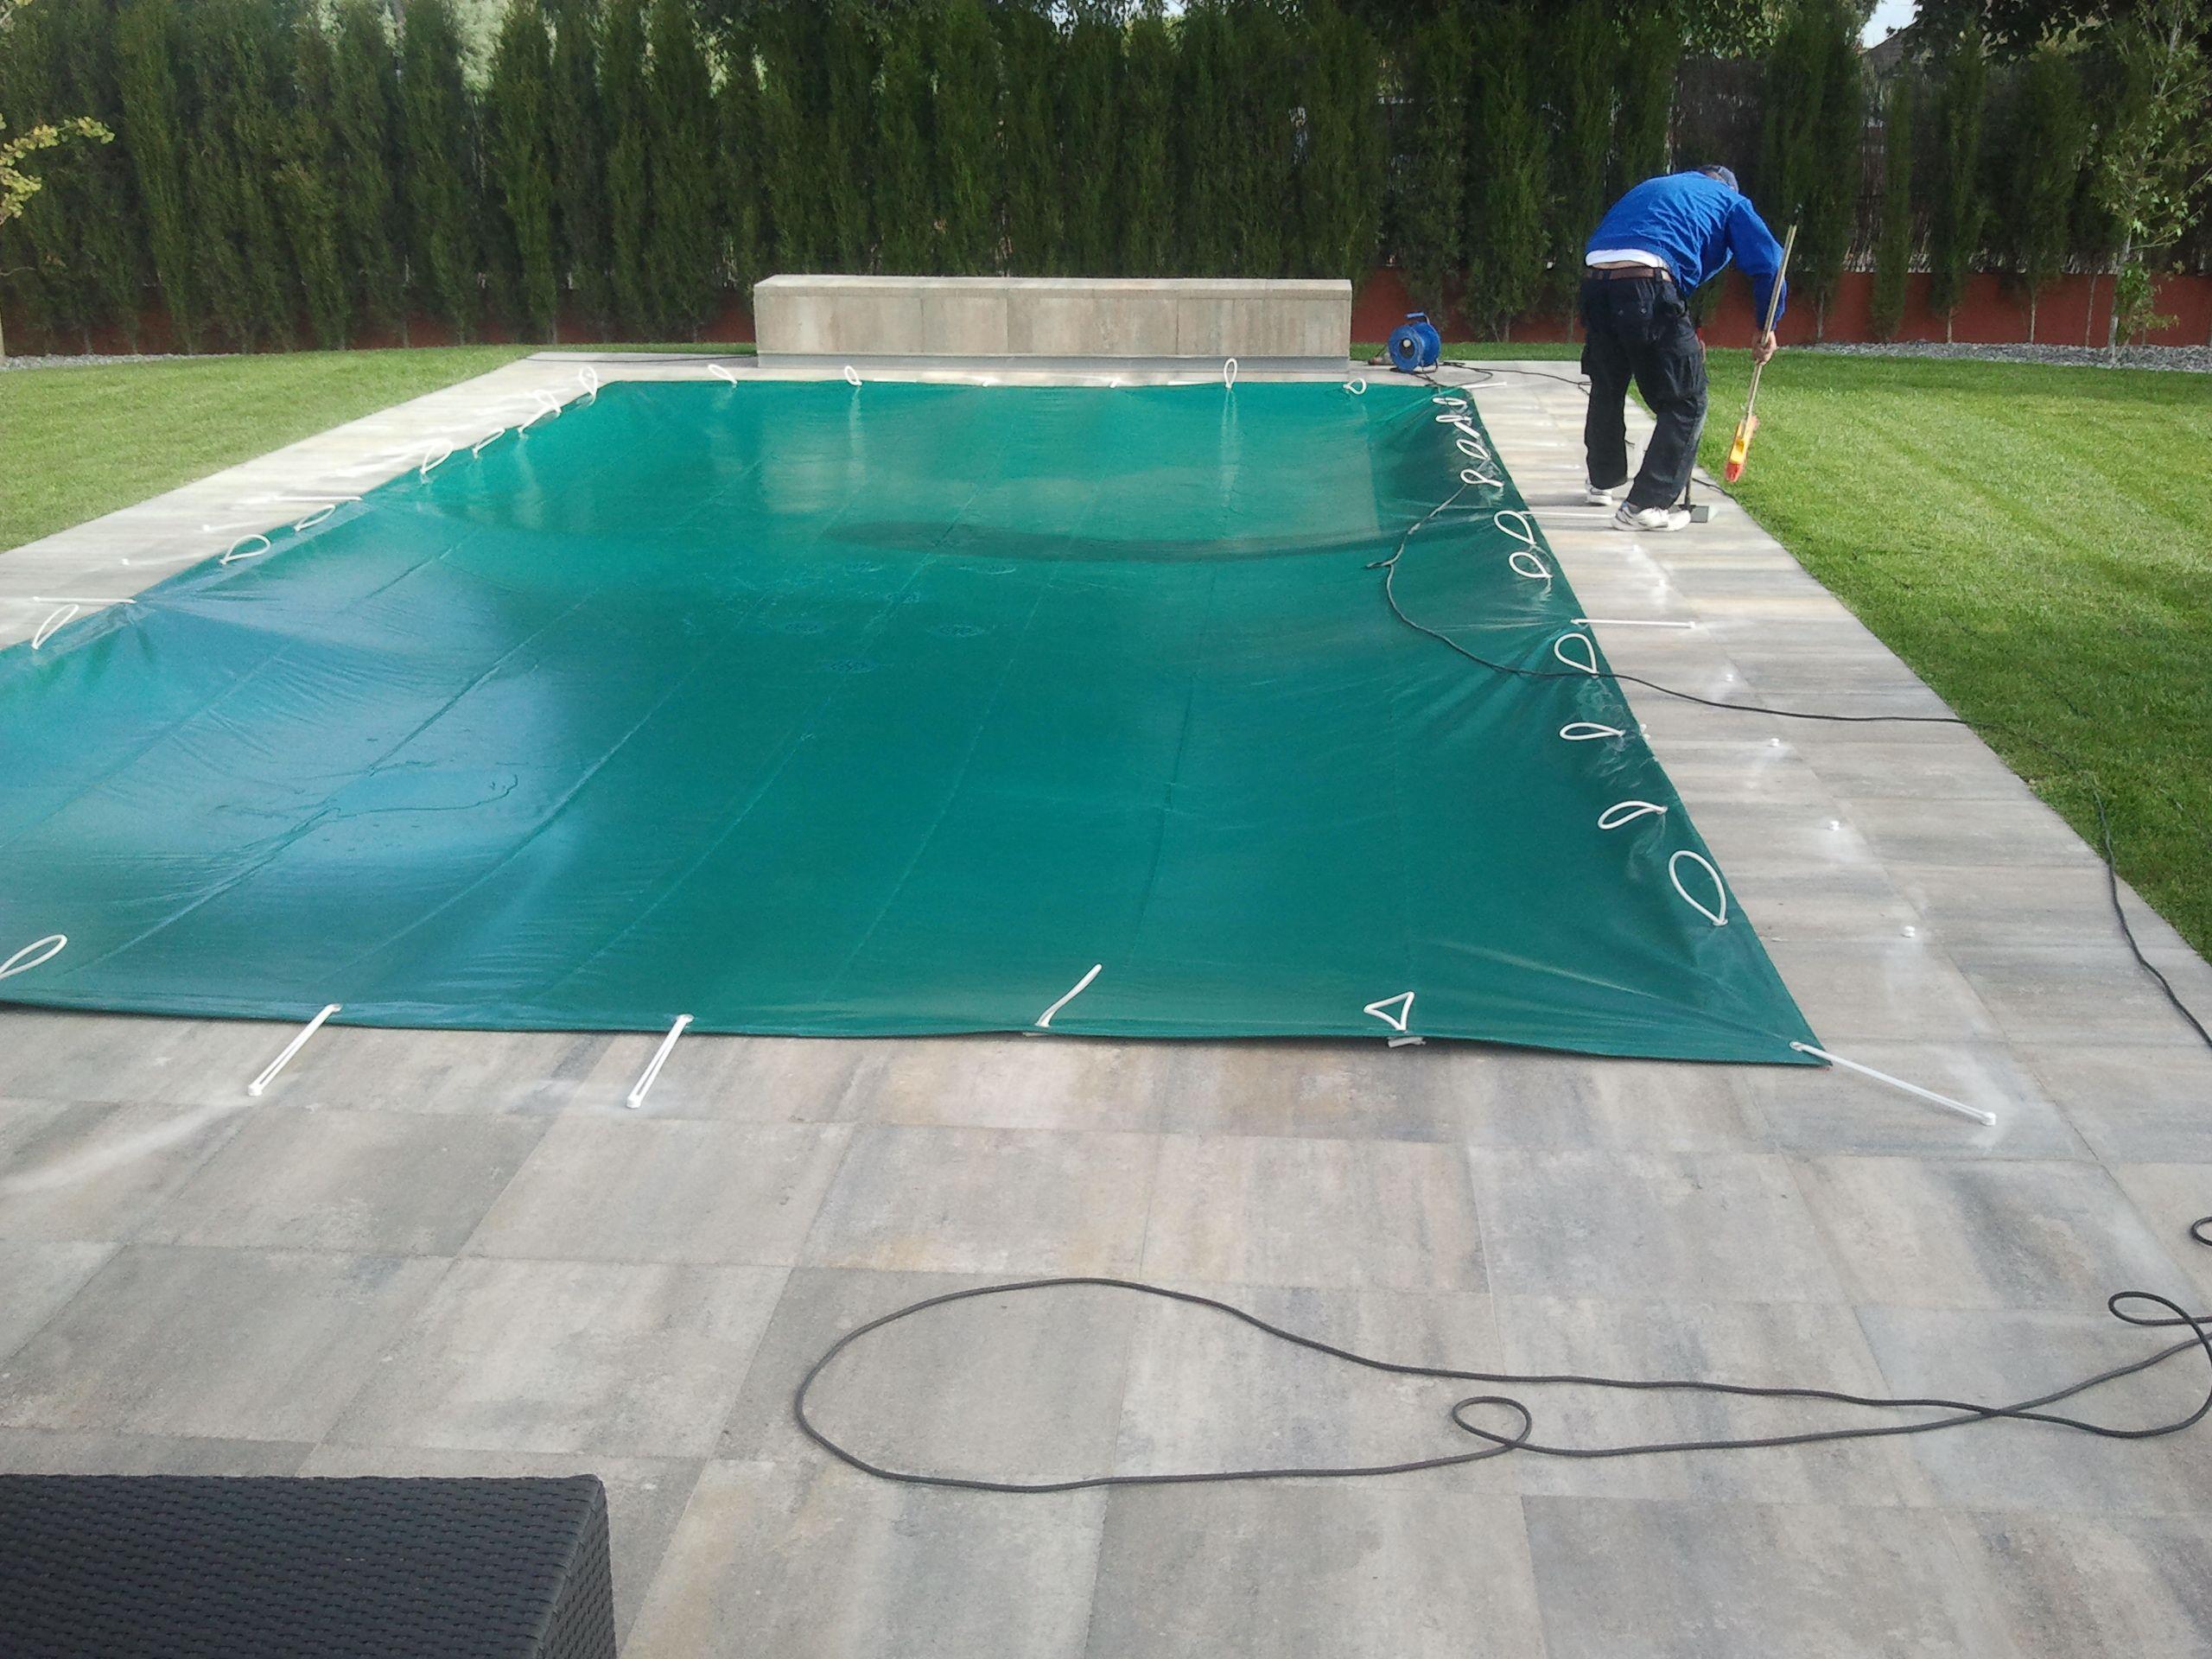 Instalaci n cobertor de invierno de piscina - Instalacion piscina ...